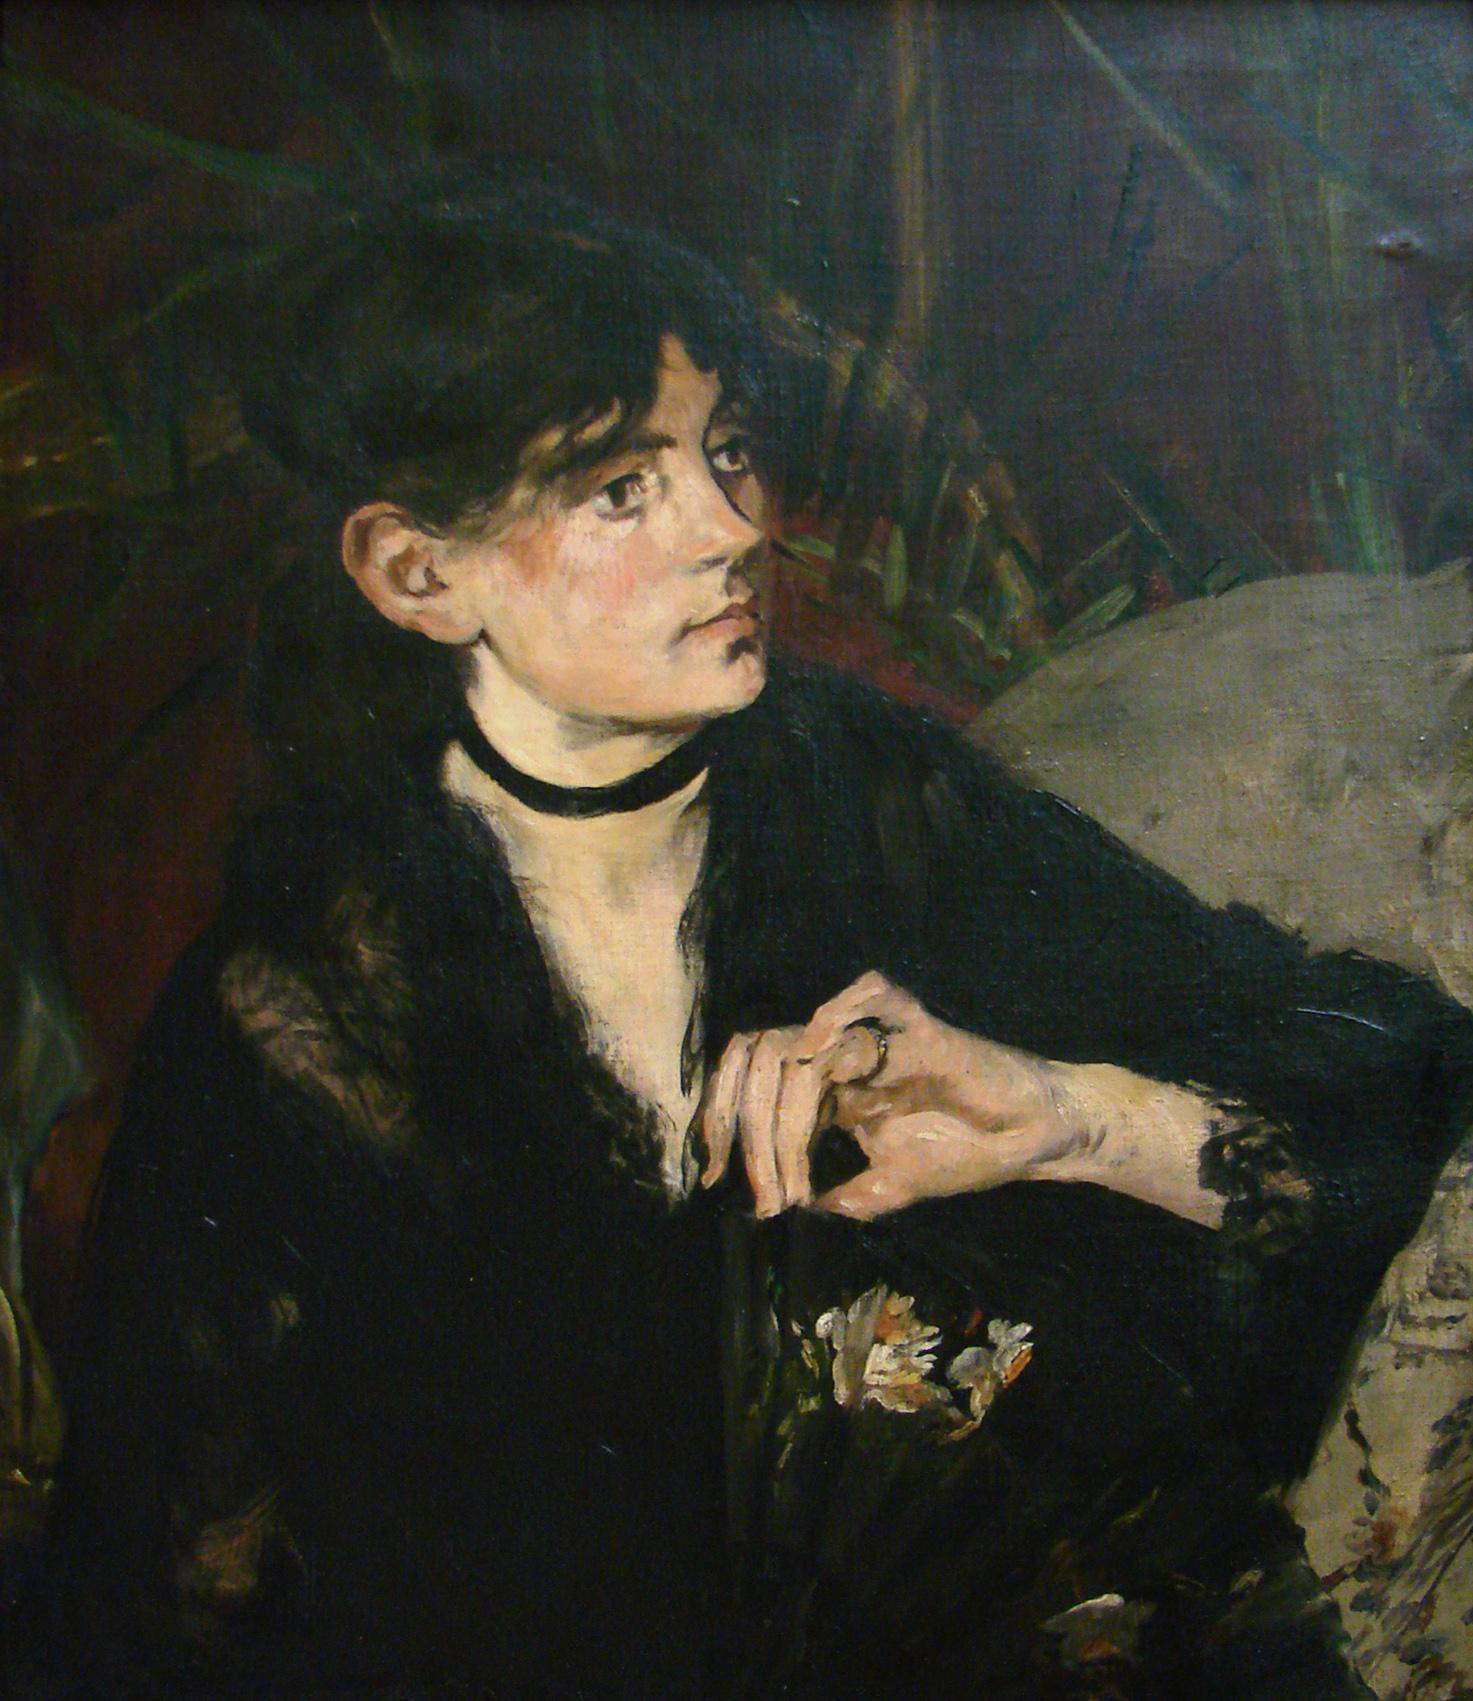 http://upload.wikimedia.org/wikipedia/commons/8/80/Berthe_Morisot_Manet_Lille_2918.jpg